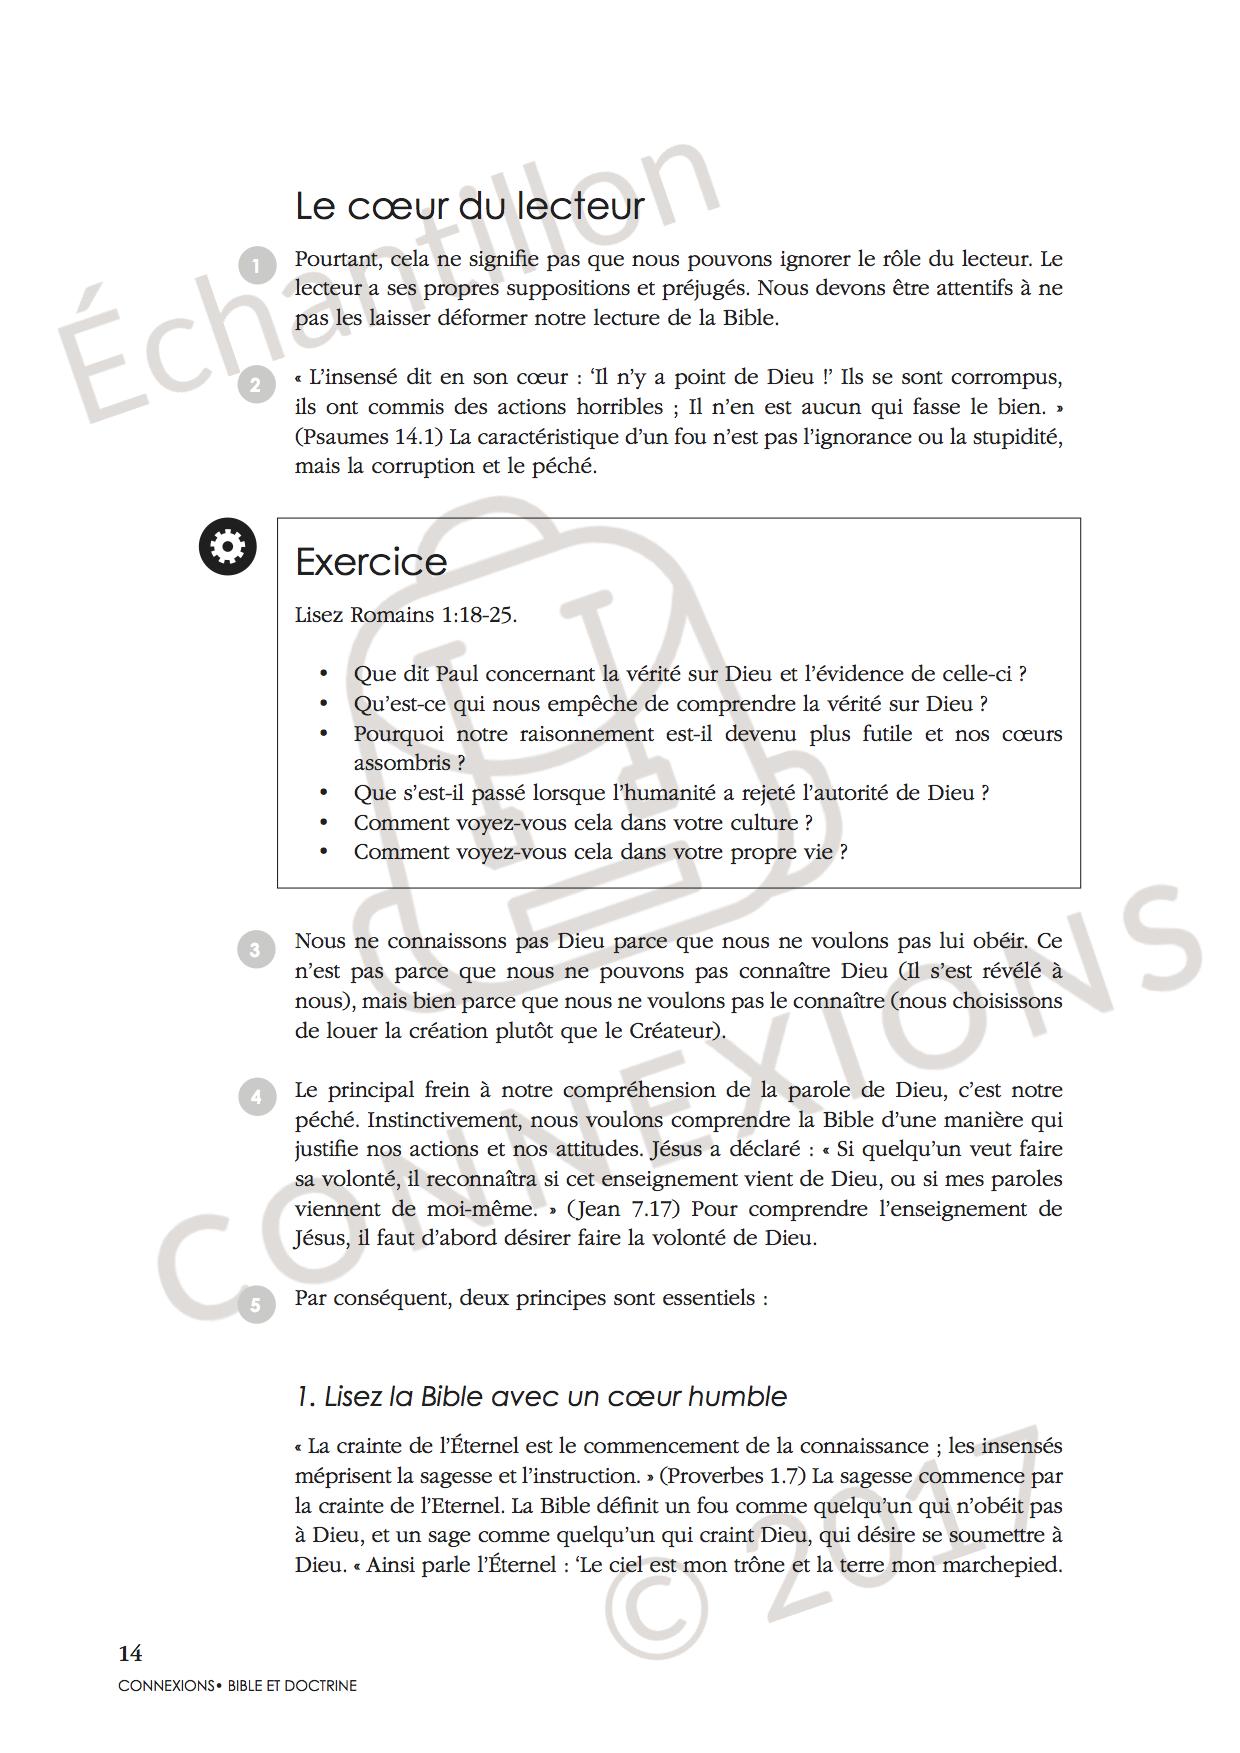 Connexions_Comprendre le récit biblique_sample_published.3.png